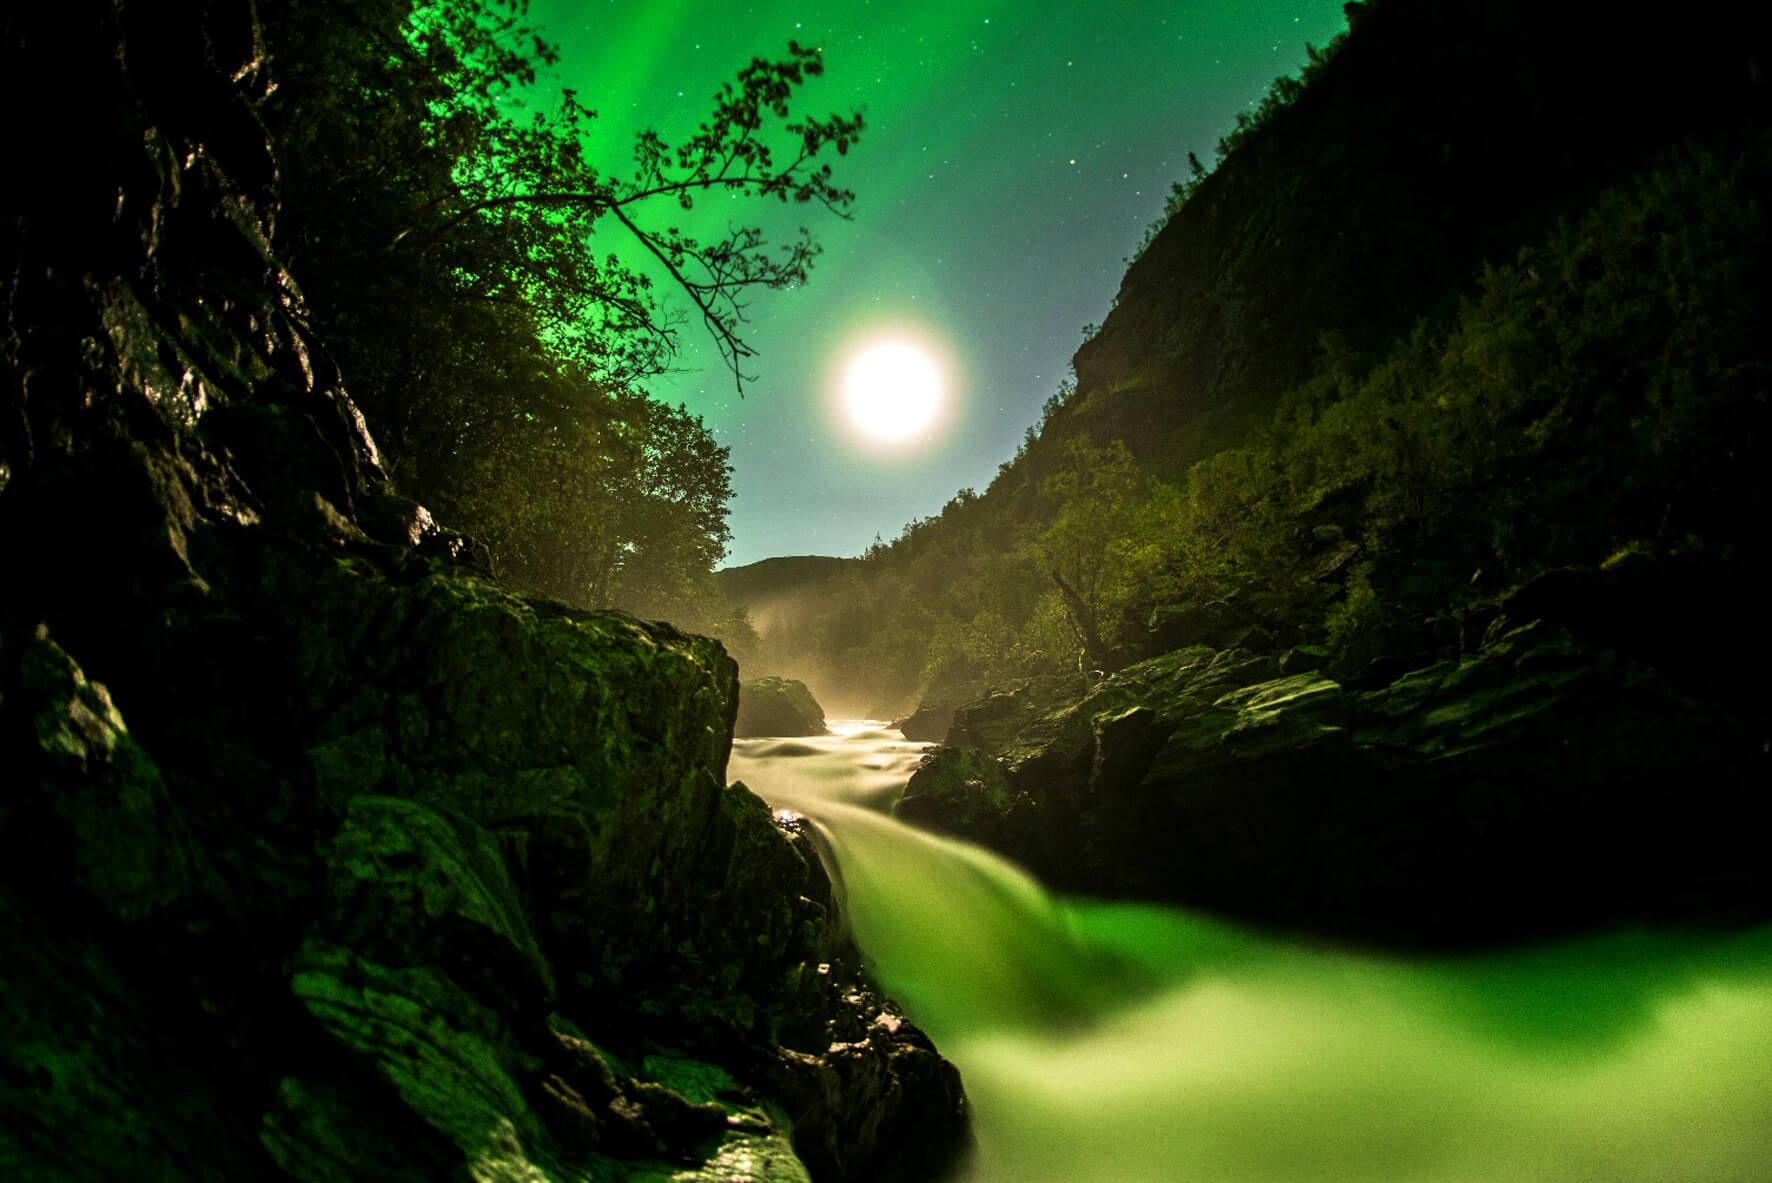 Mystisch aussehende Fjorde, mit grünem Licht hell erleuchtet